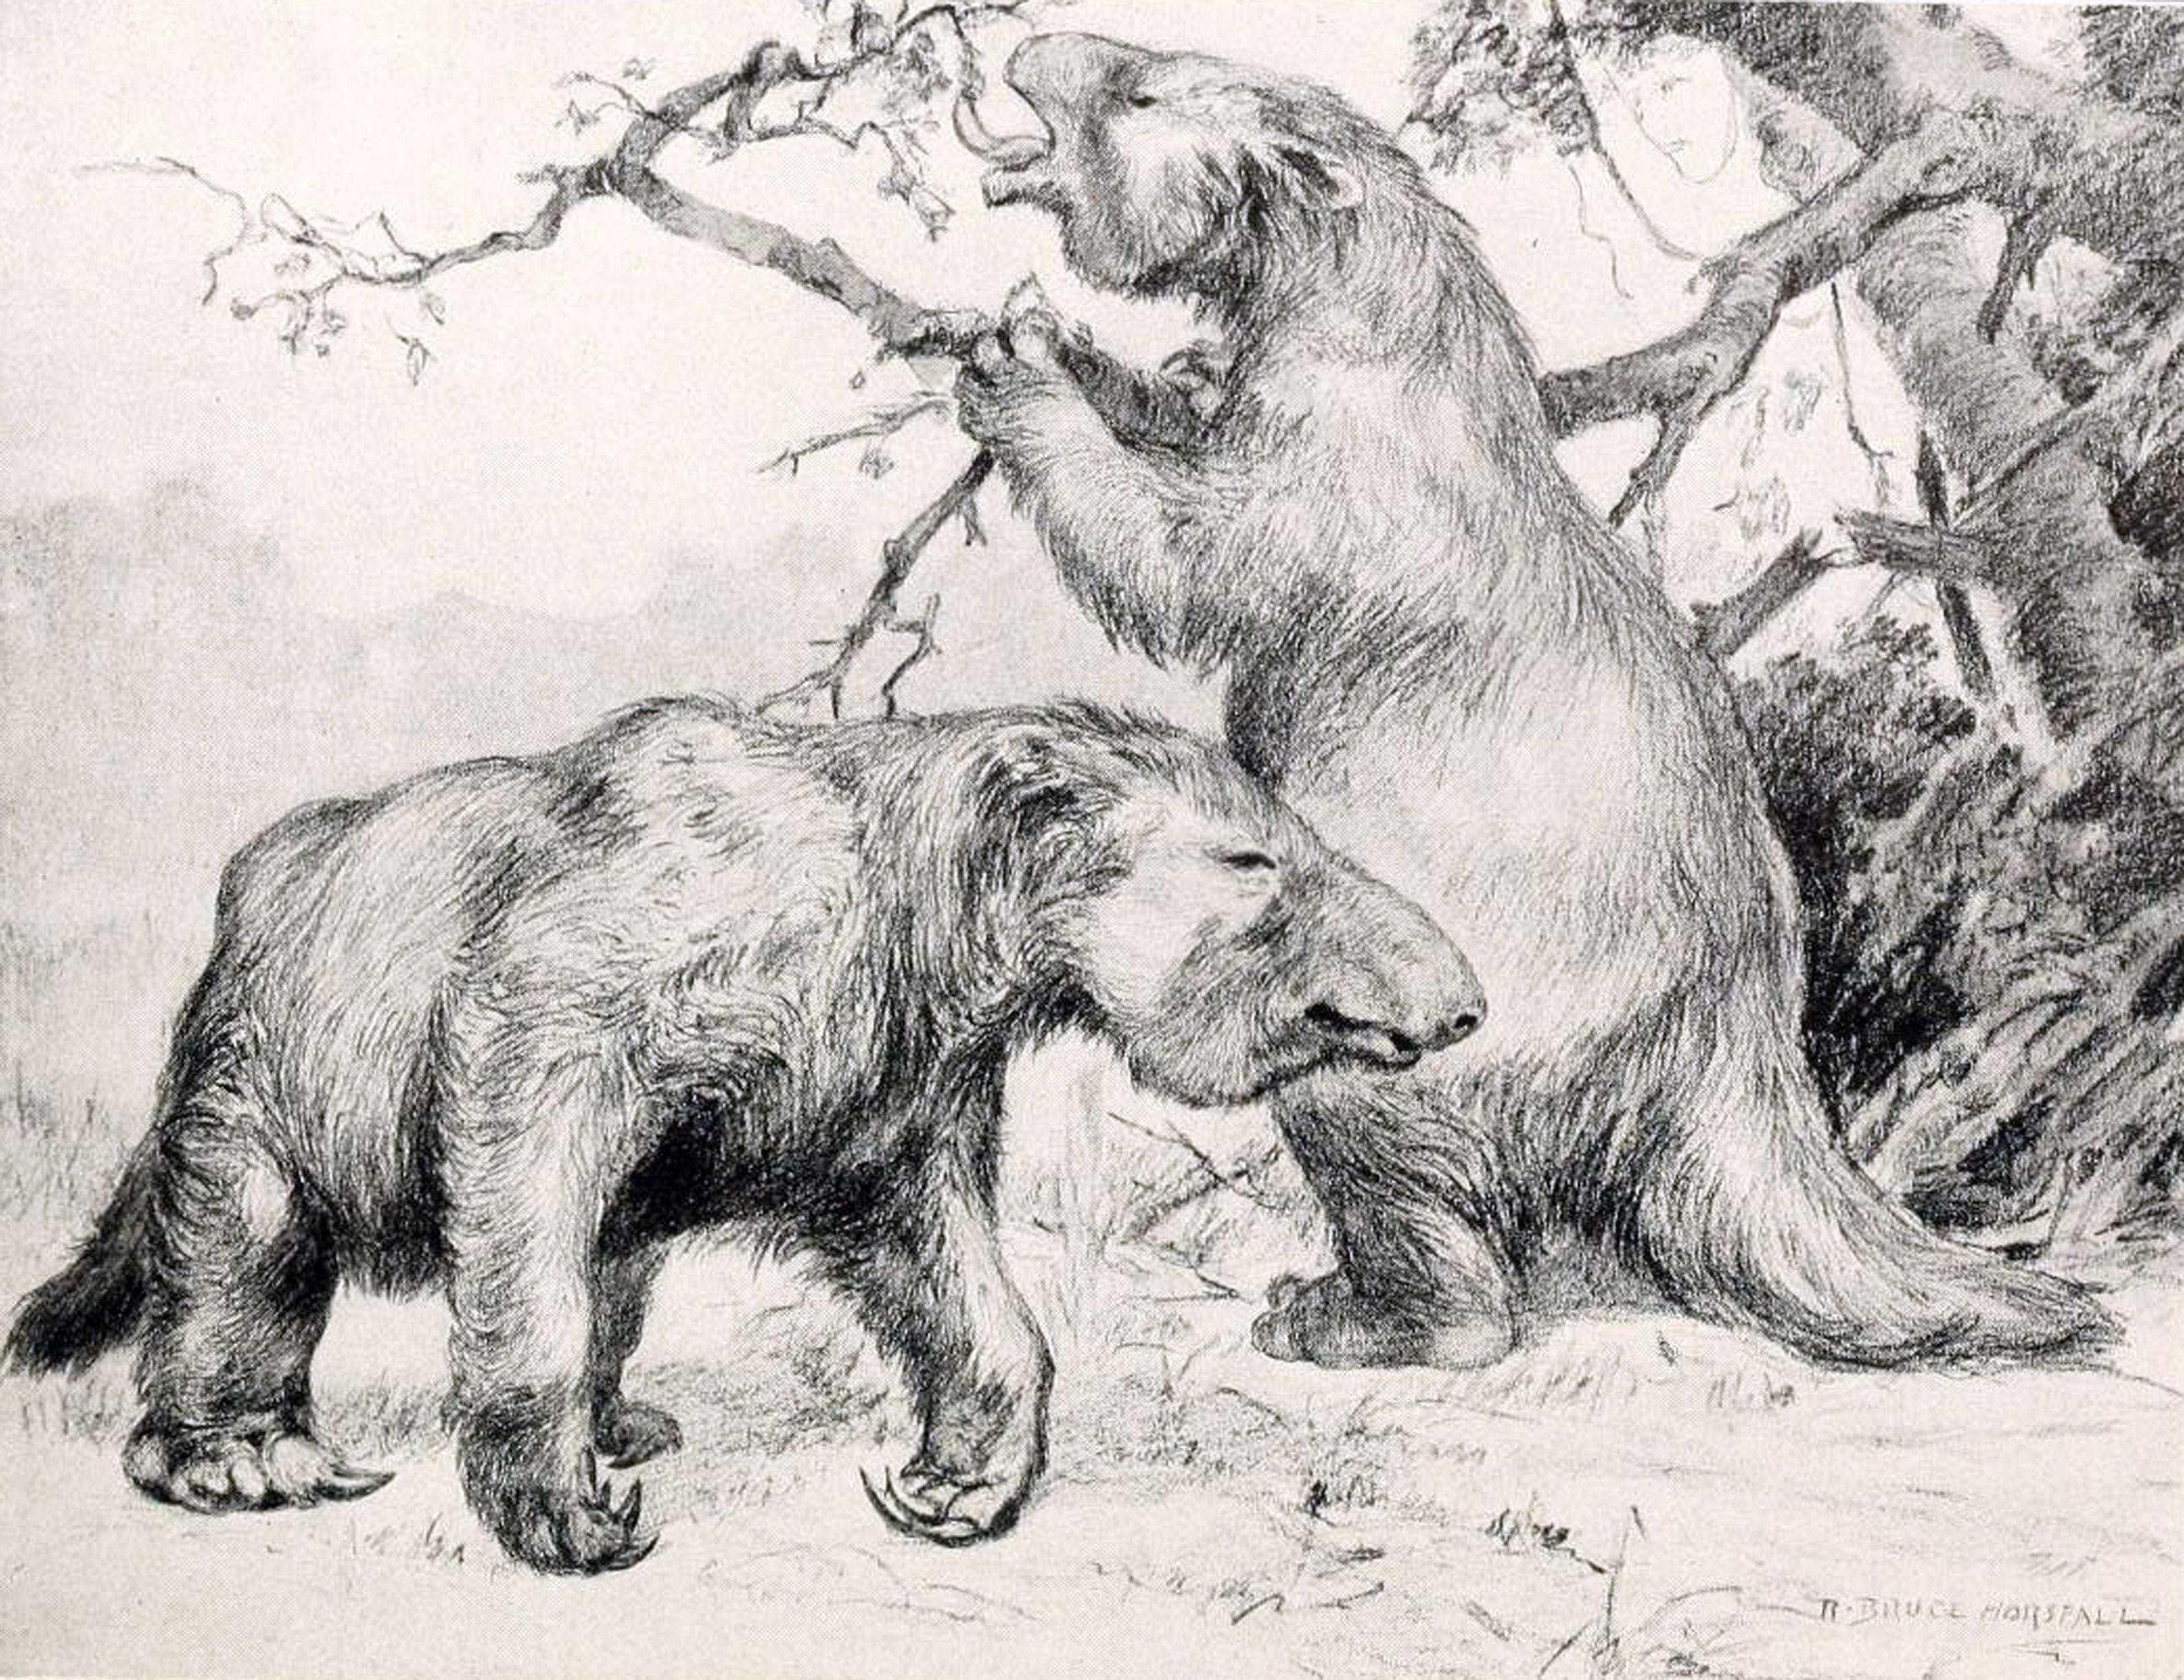 Вымерший гигантский ленивец оказался не прочь полакомиться мясом